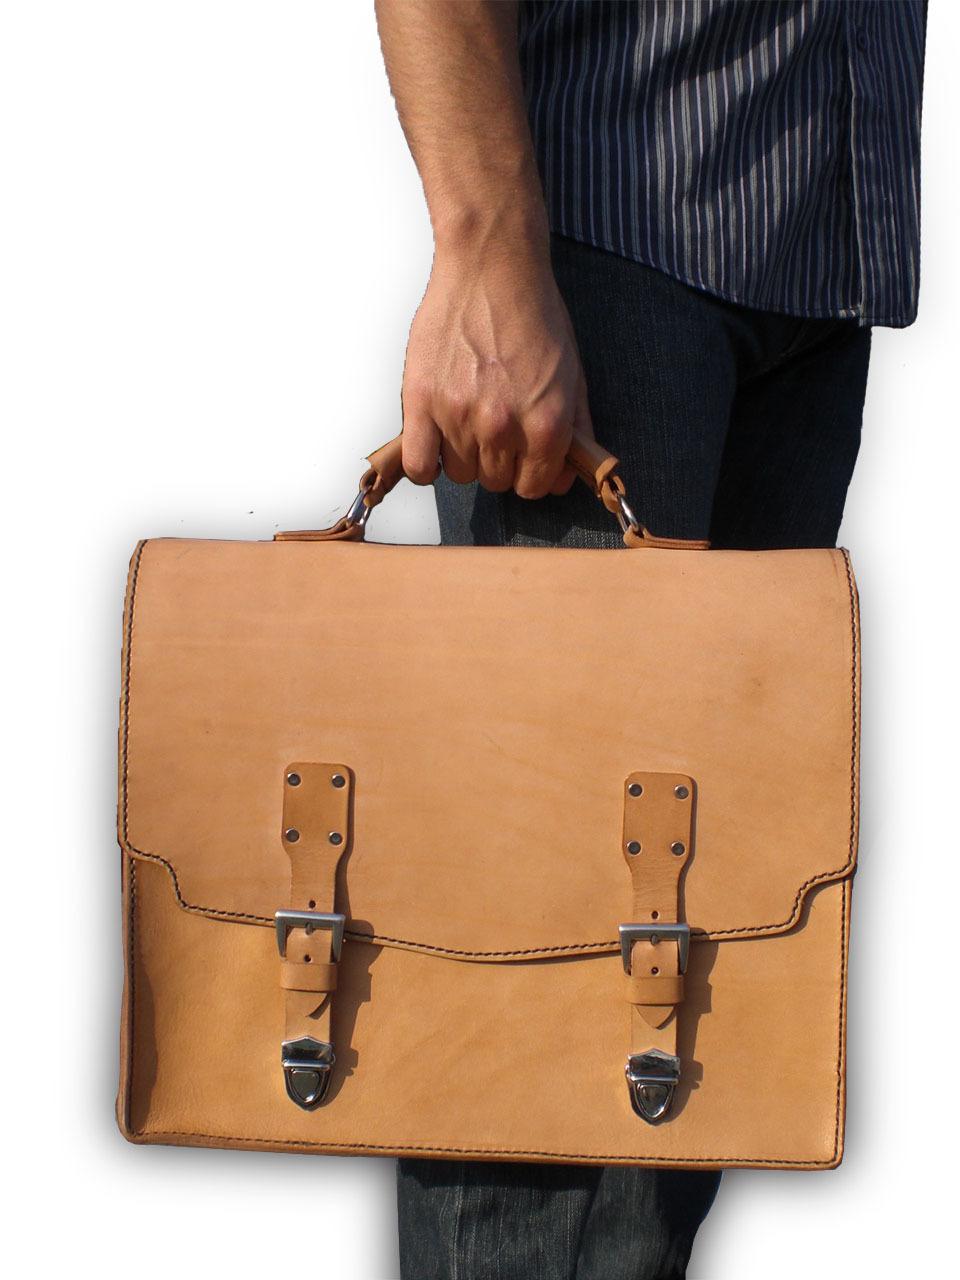 suitcasebag3.jpg